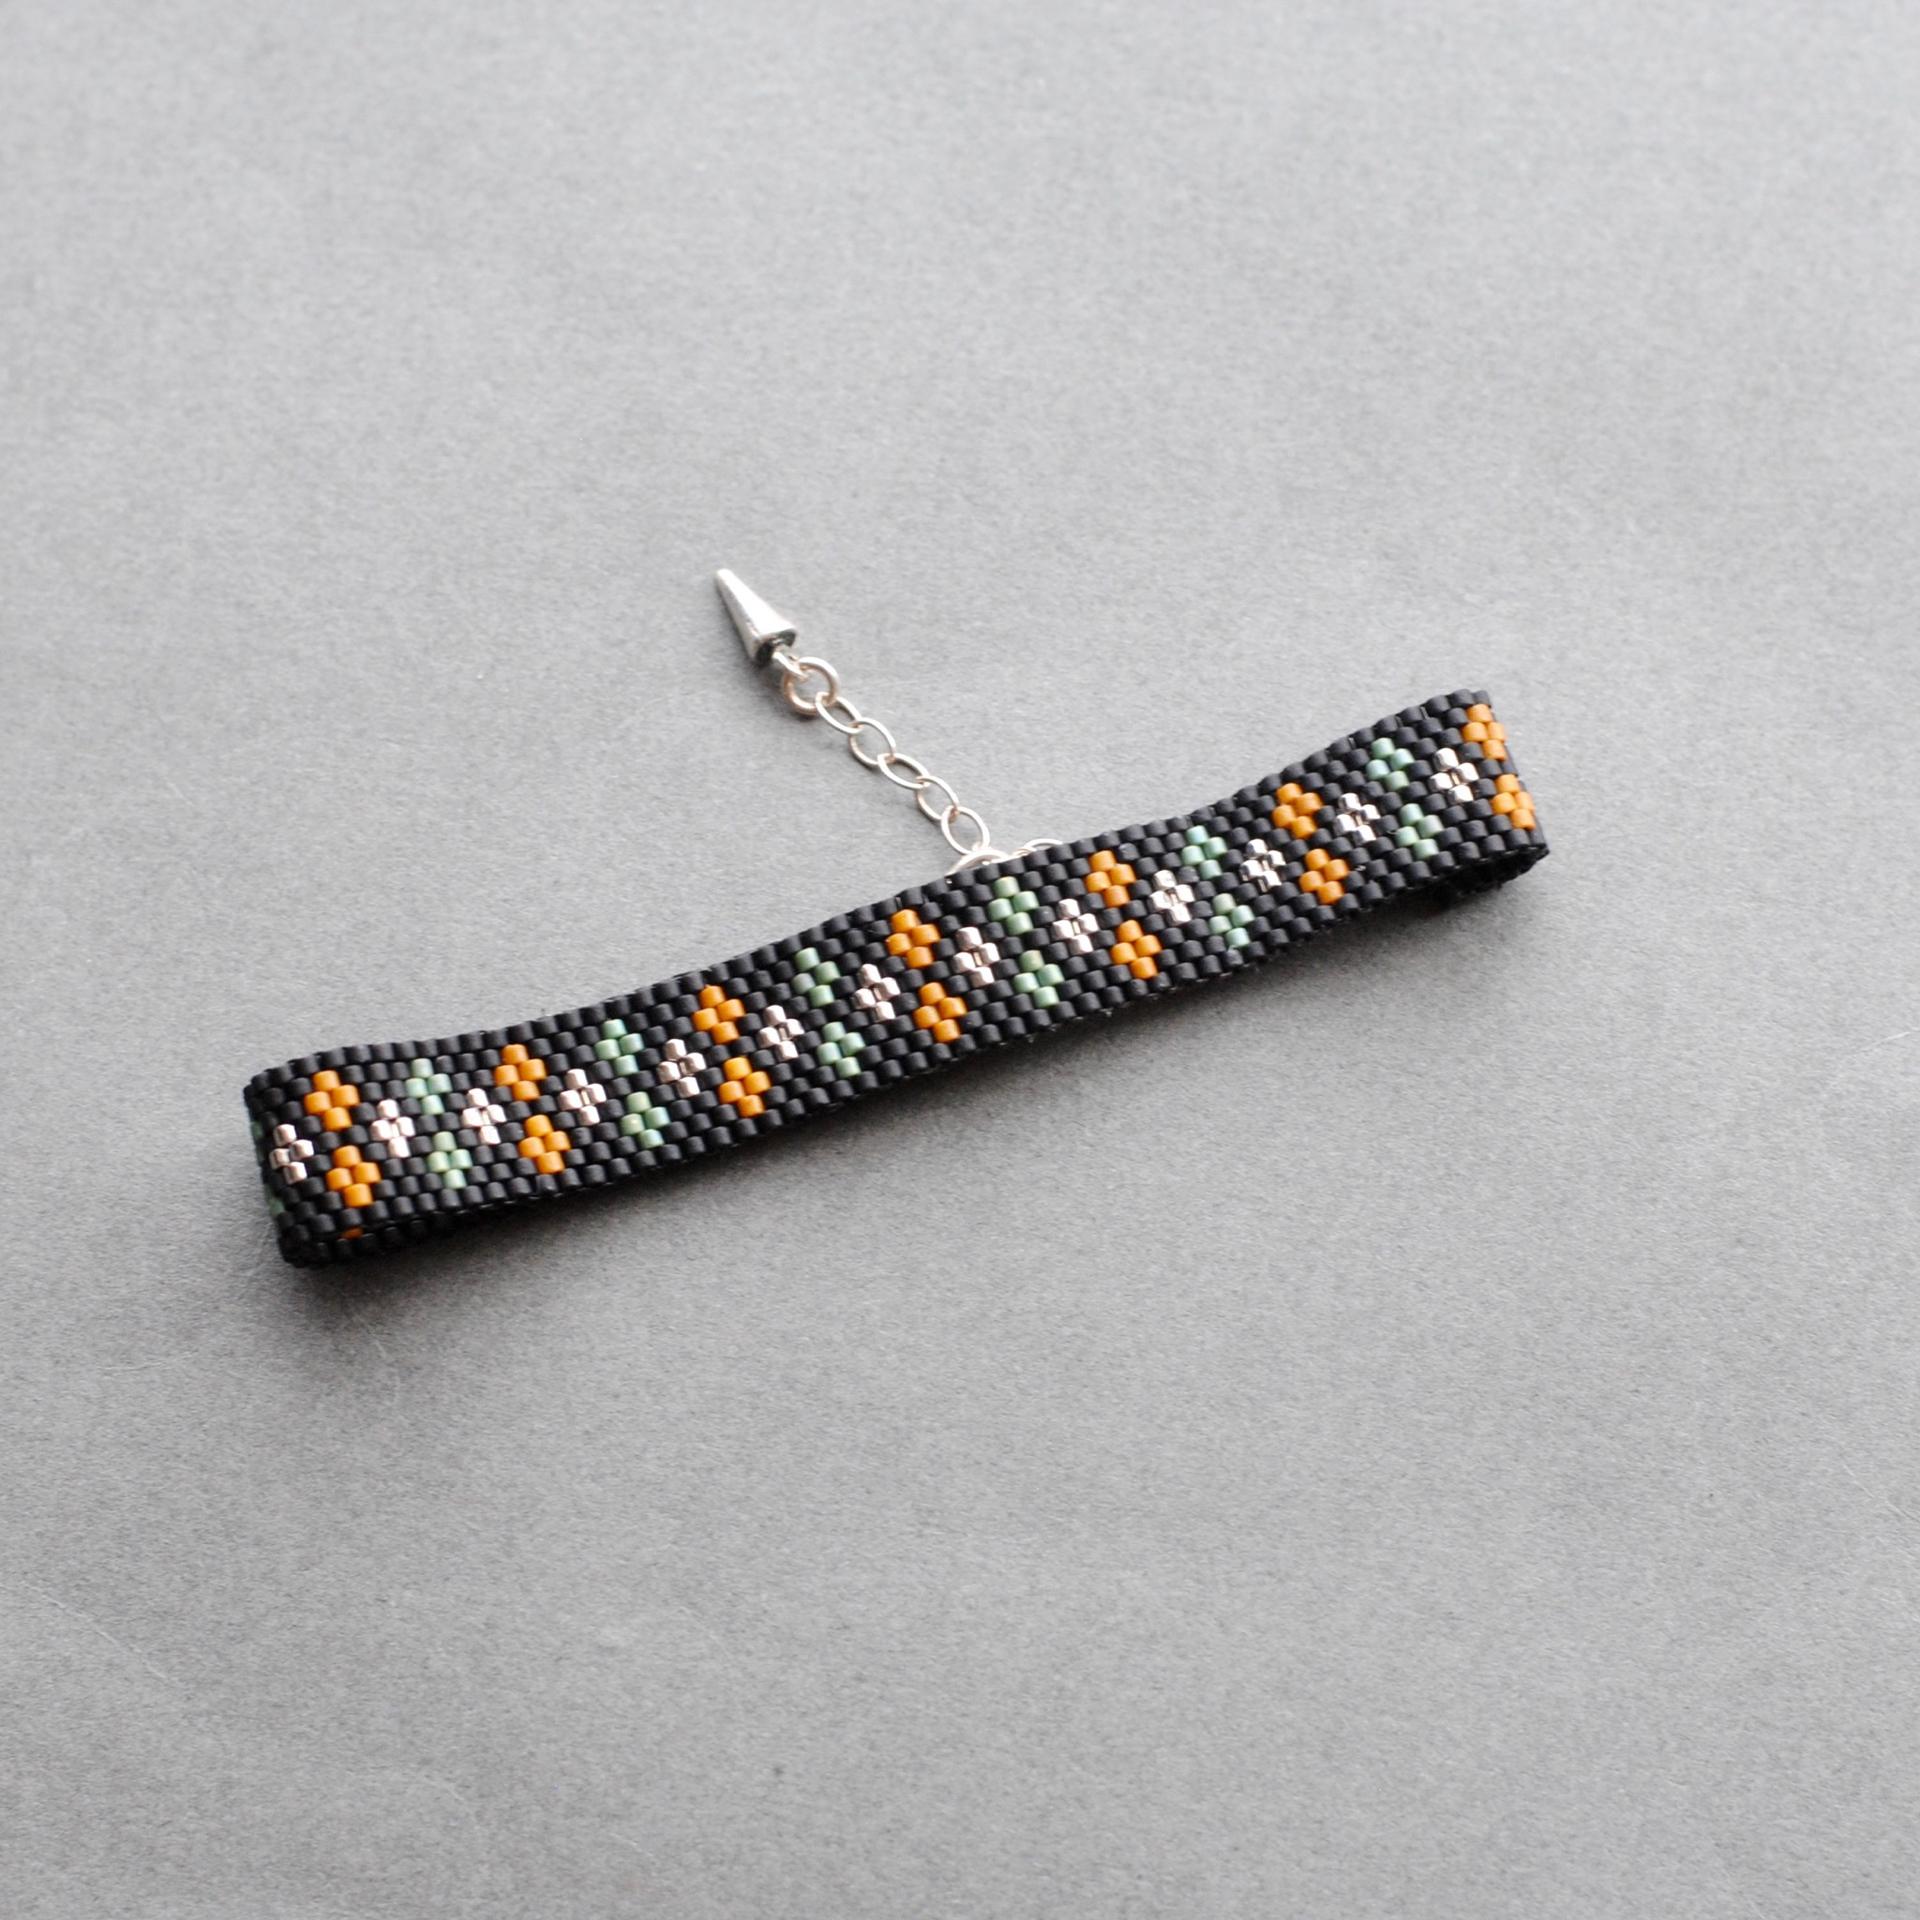 B032 Bracelet by Sam Taylor